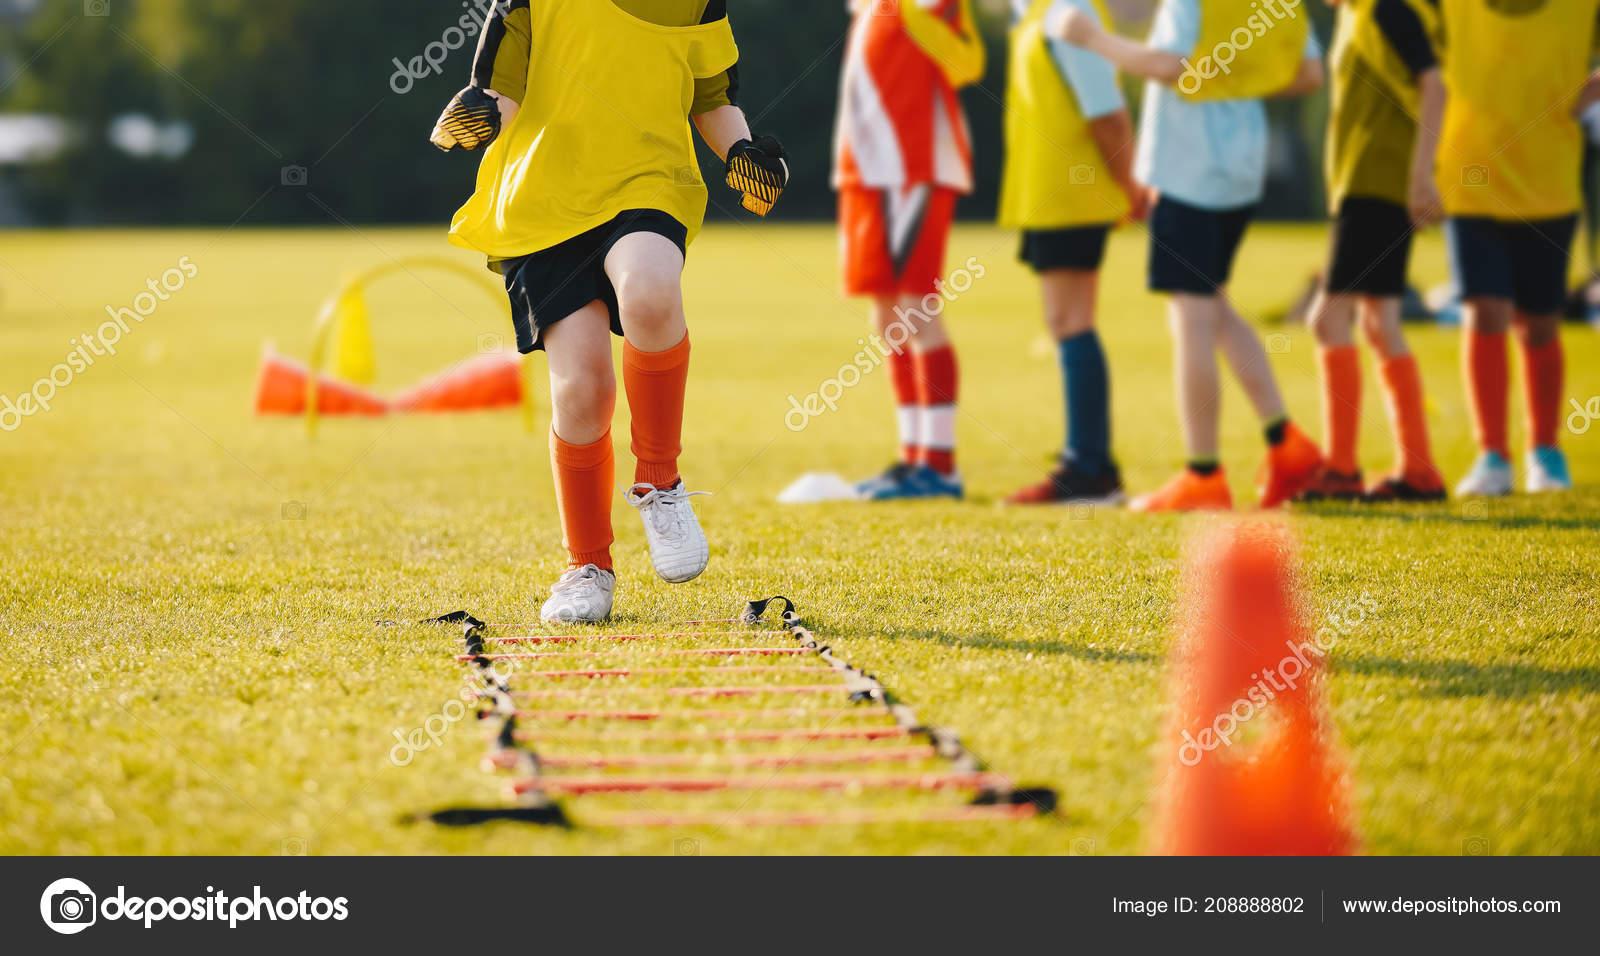 Junge Sportler Trainieren Mit Fussballausrustung Fussball